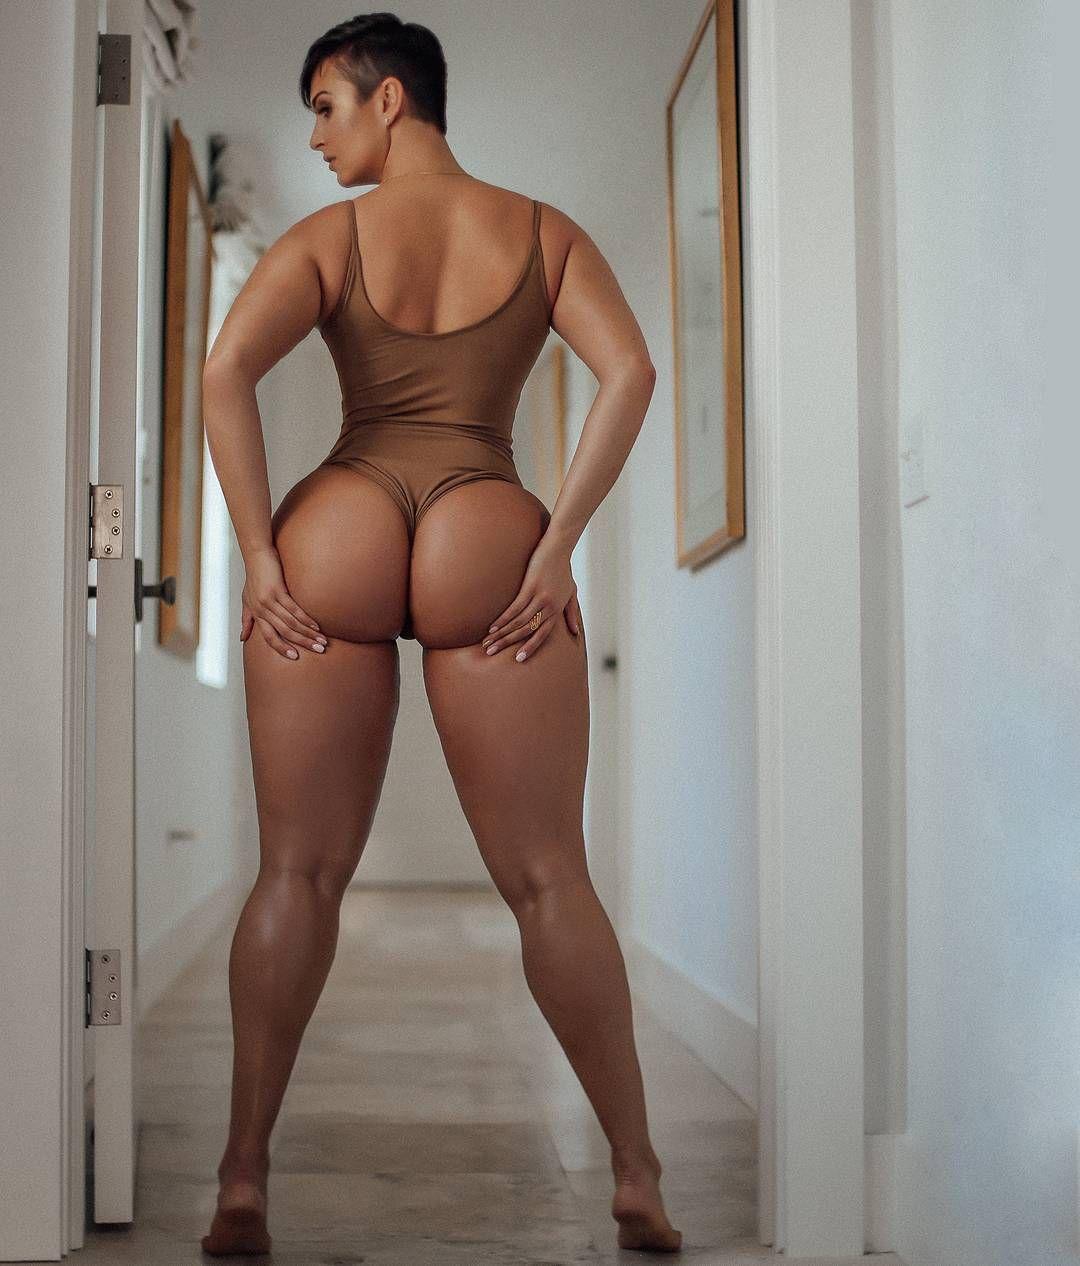 perfekte naked butt